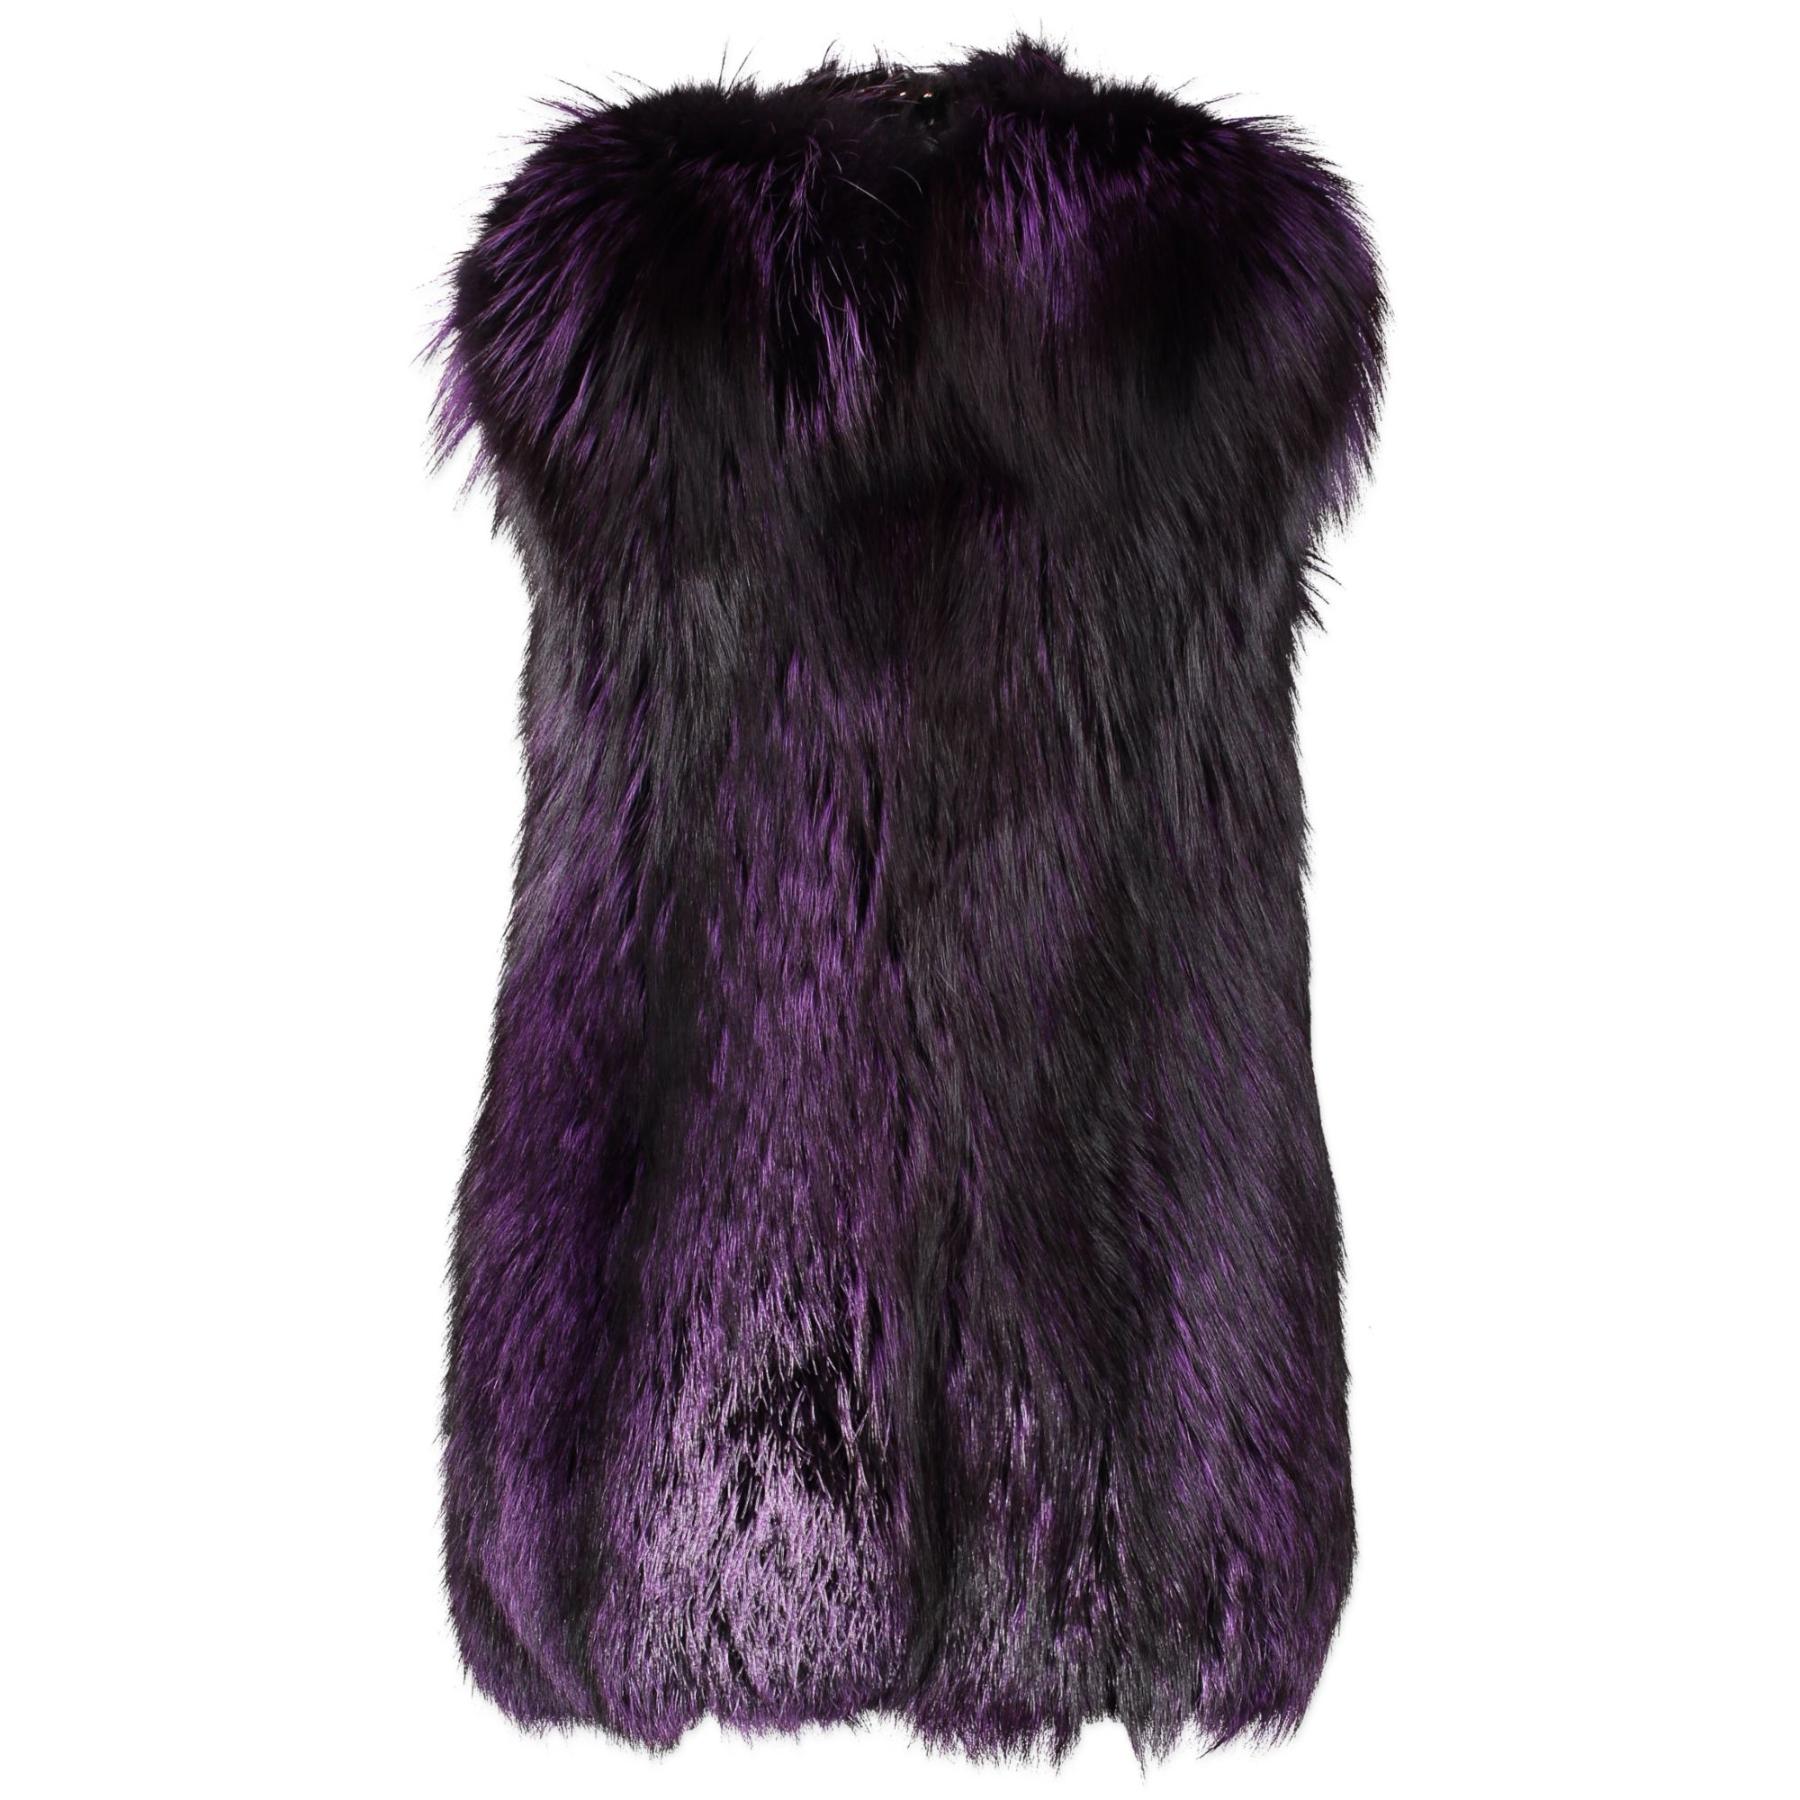 Authentieke Tweedehands Gucci Purple Fur Sleeveless Coat - Size 40 juiste prijs veilig online shoppen luxe merken webshop winkelen Antwerpen Belg